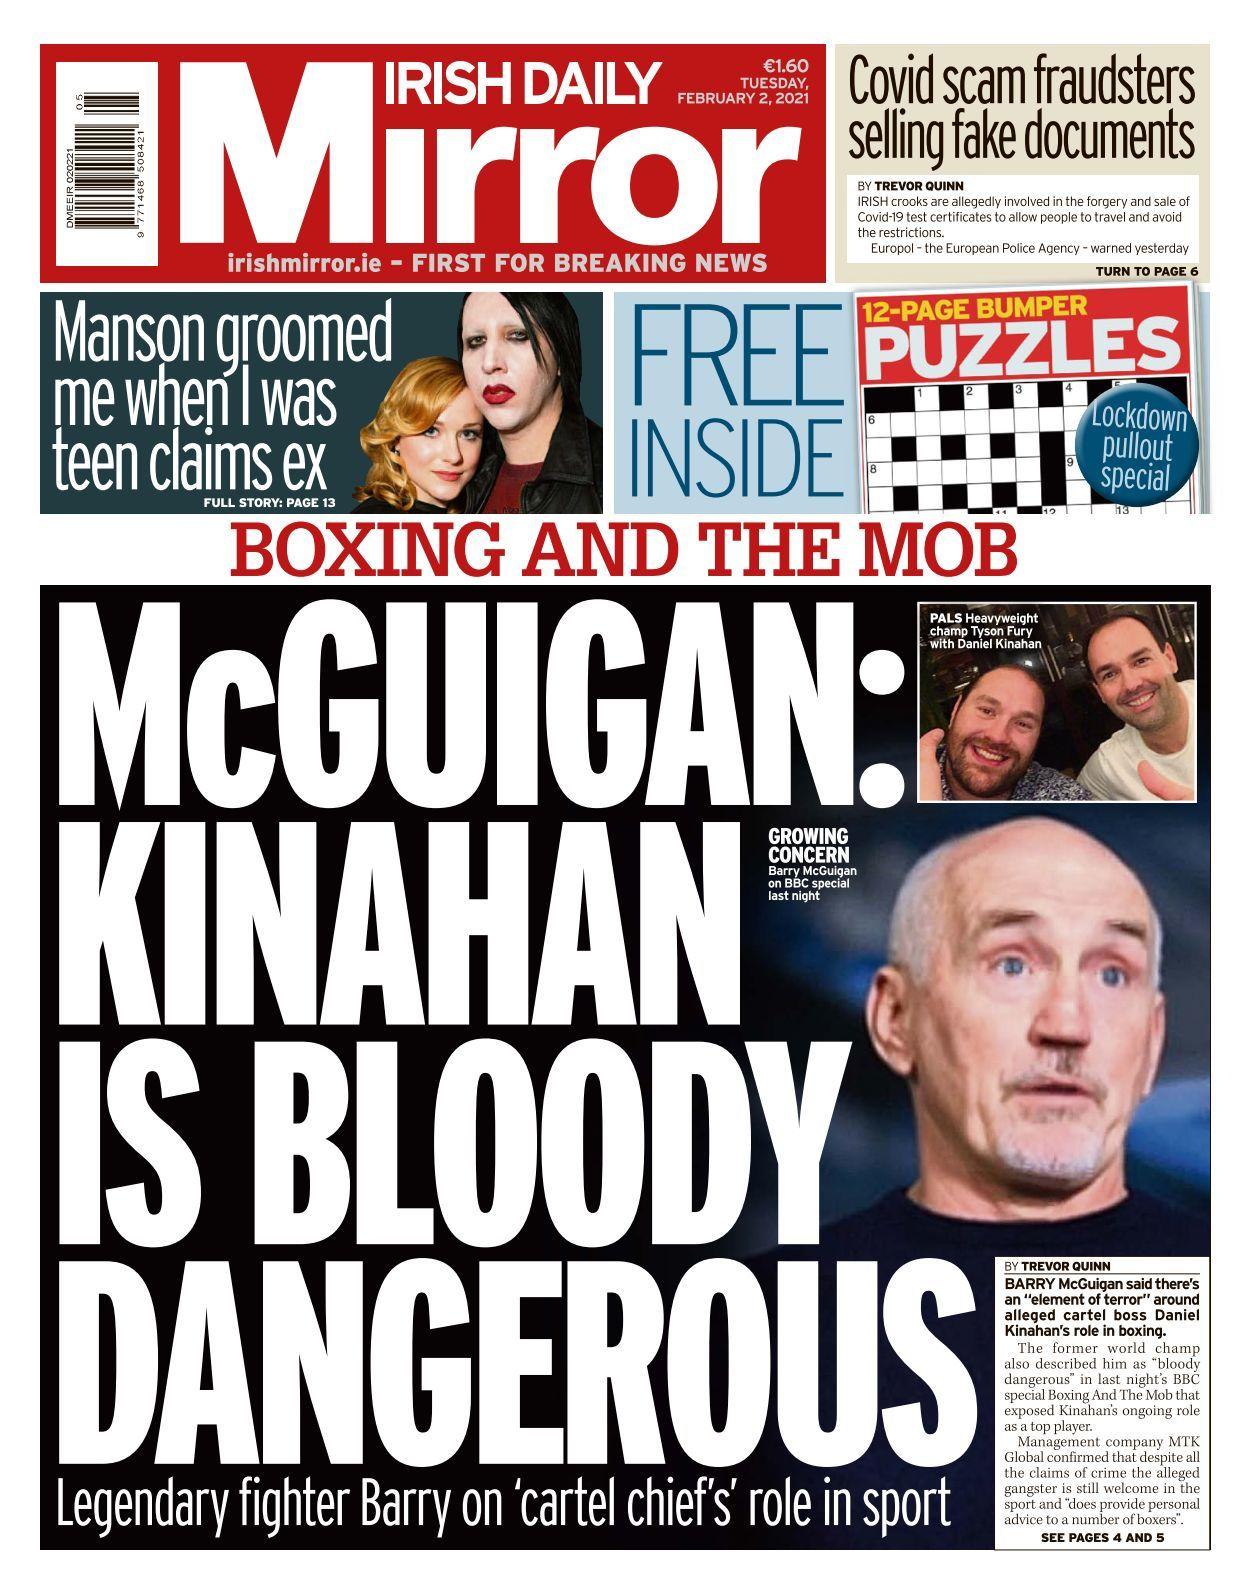 Irish Daily Mirror 2021 02 02